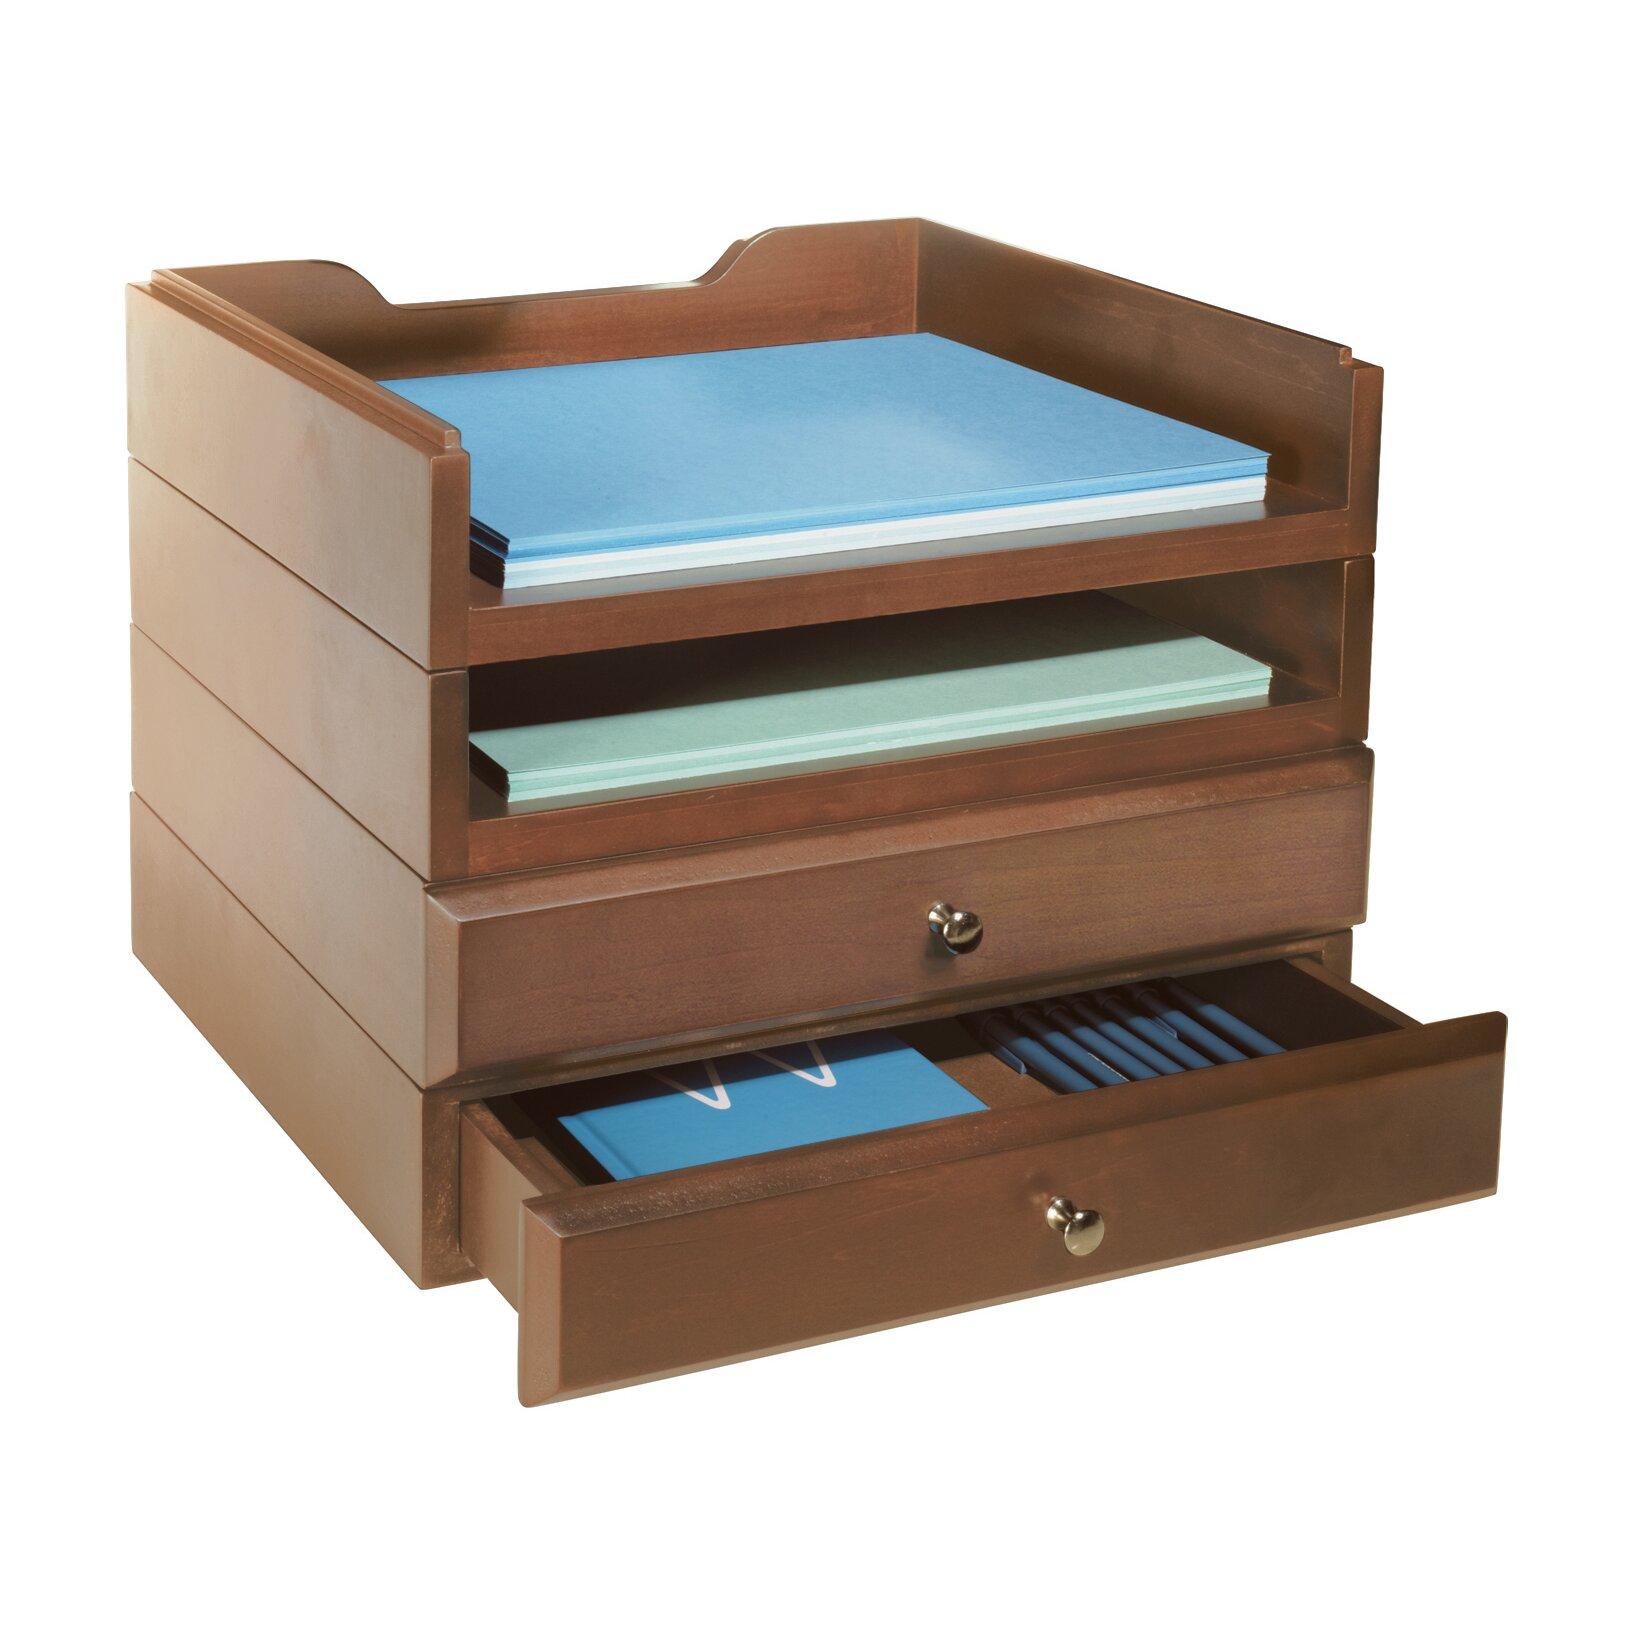 Bindertek stacking wood desk organizers tray drawer